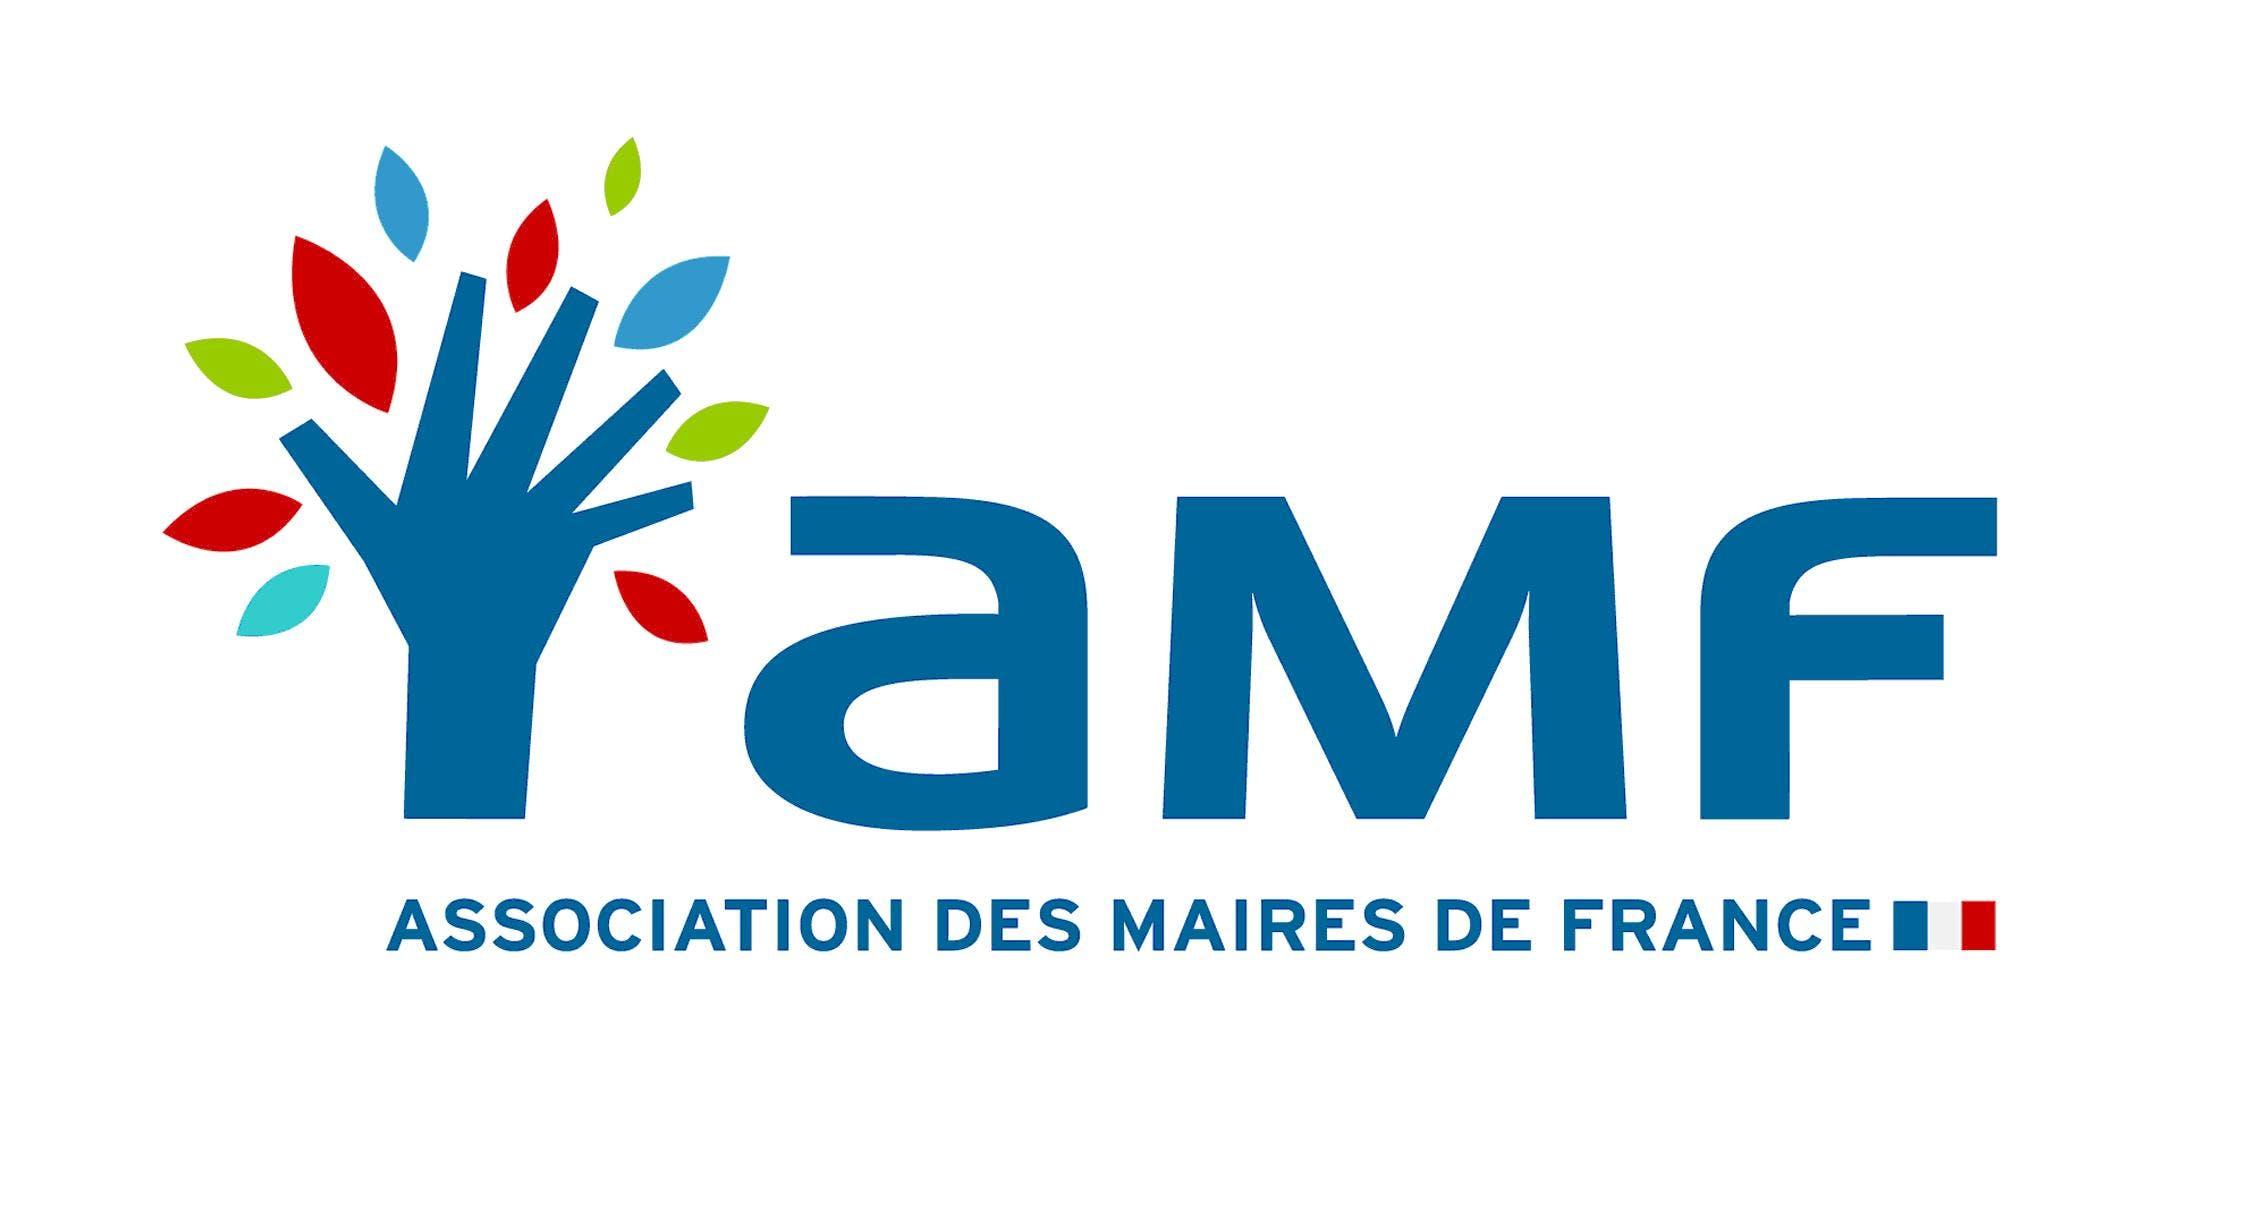 Association of French Mayors' logo